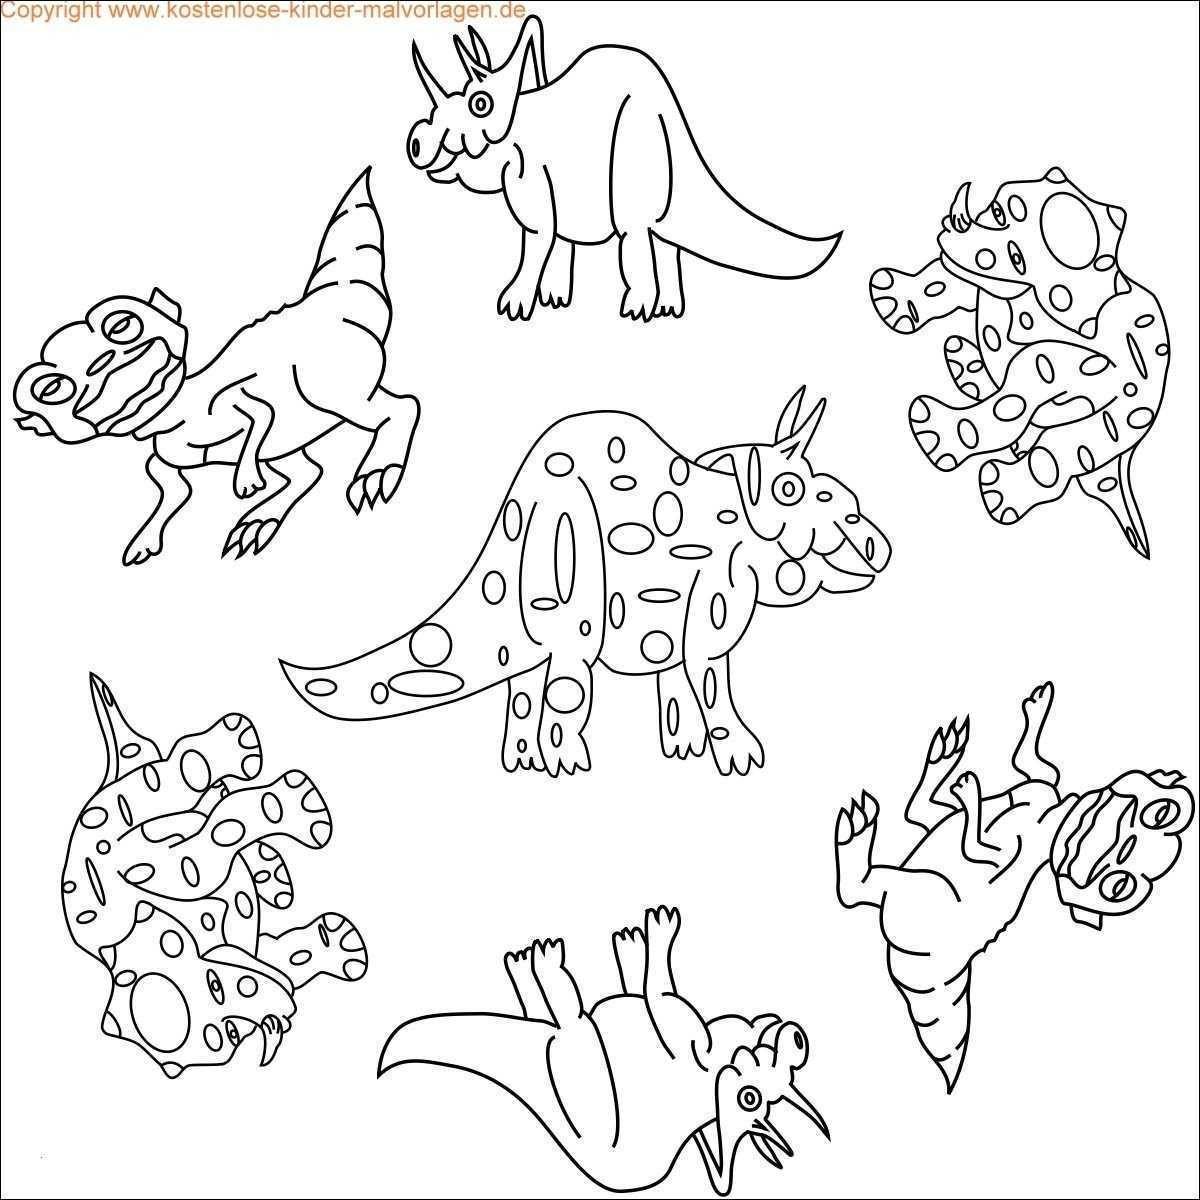 Dinosaurier Ausmalbilder Tyrannosaurus Rex Frisch Ausmalbilder T Rex Bild Spannende Coloring Bilder T Rex Malvorlagen Bild